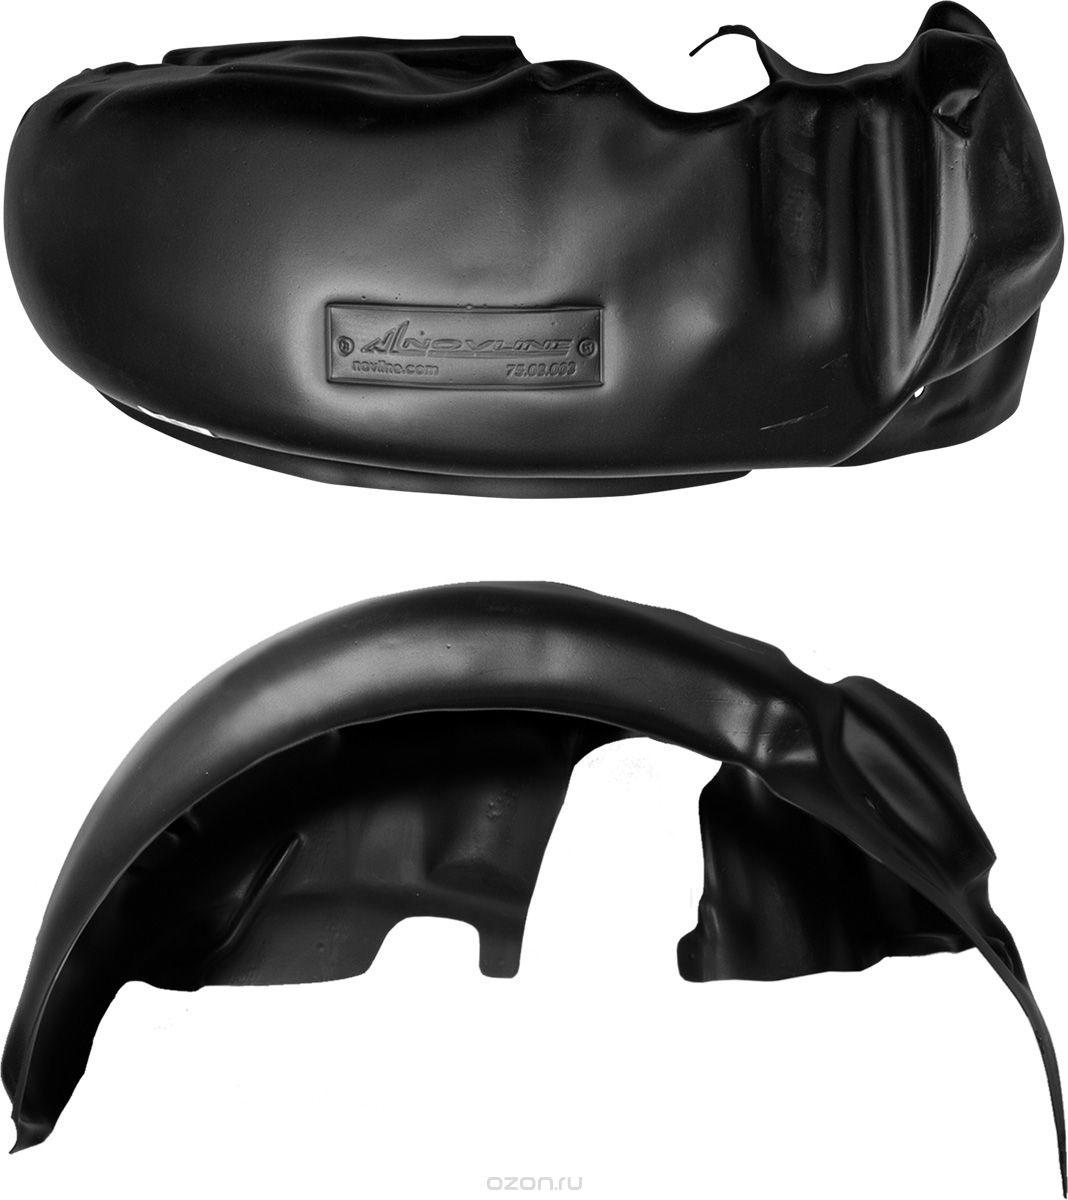 Подкрылок Novline-Autofamily, для KIA Cerato 03/2009-2013, передний левыйNLL.25.26.001Идеальная защита колесной ниши. Локеры разработаны с применением цифровых технологий, гарантируют максимальную повторяемость поверхности арки. Изделия устанавливаются без нарушения лакокрасочного покрытия автомобиля, каждый подкрылок комплектуется крепежом. Уважаемые клиенты, обращаем ваше внимание, что фотографии на подкрылки универсальные и не отражают реальную форму изделия. При этом само изделие идет точно под размер указанного автомобиля.